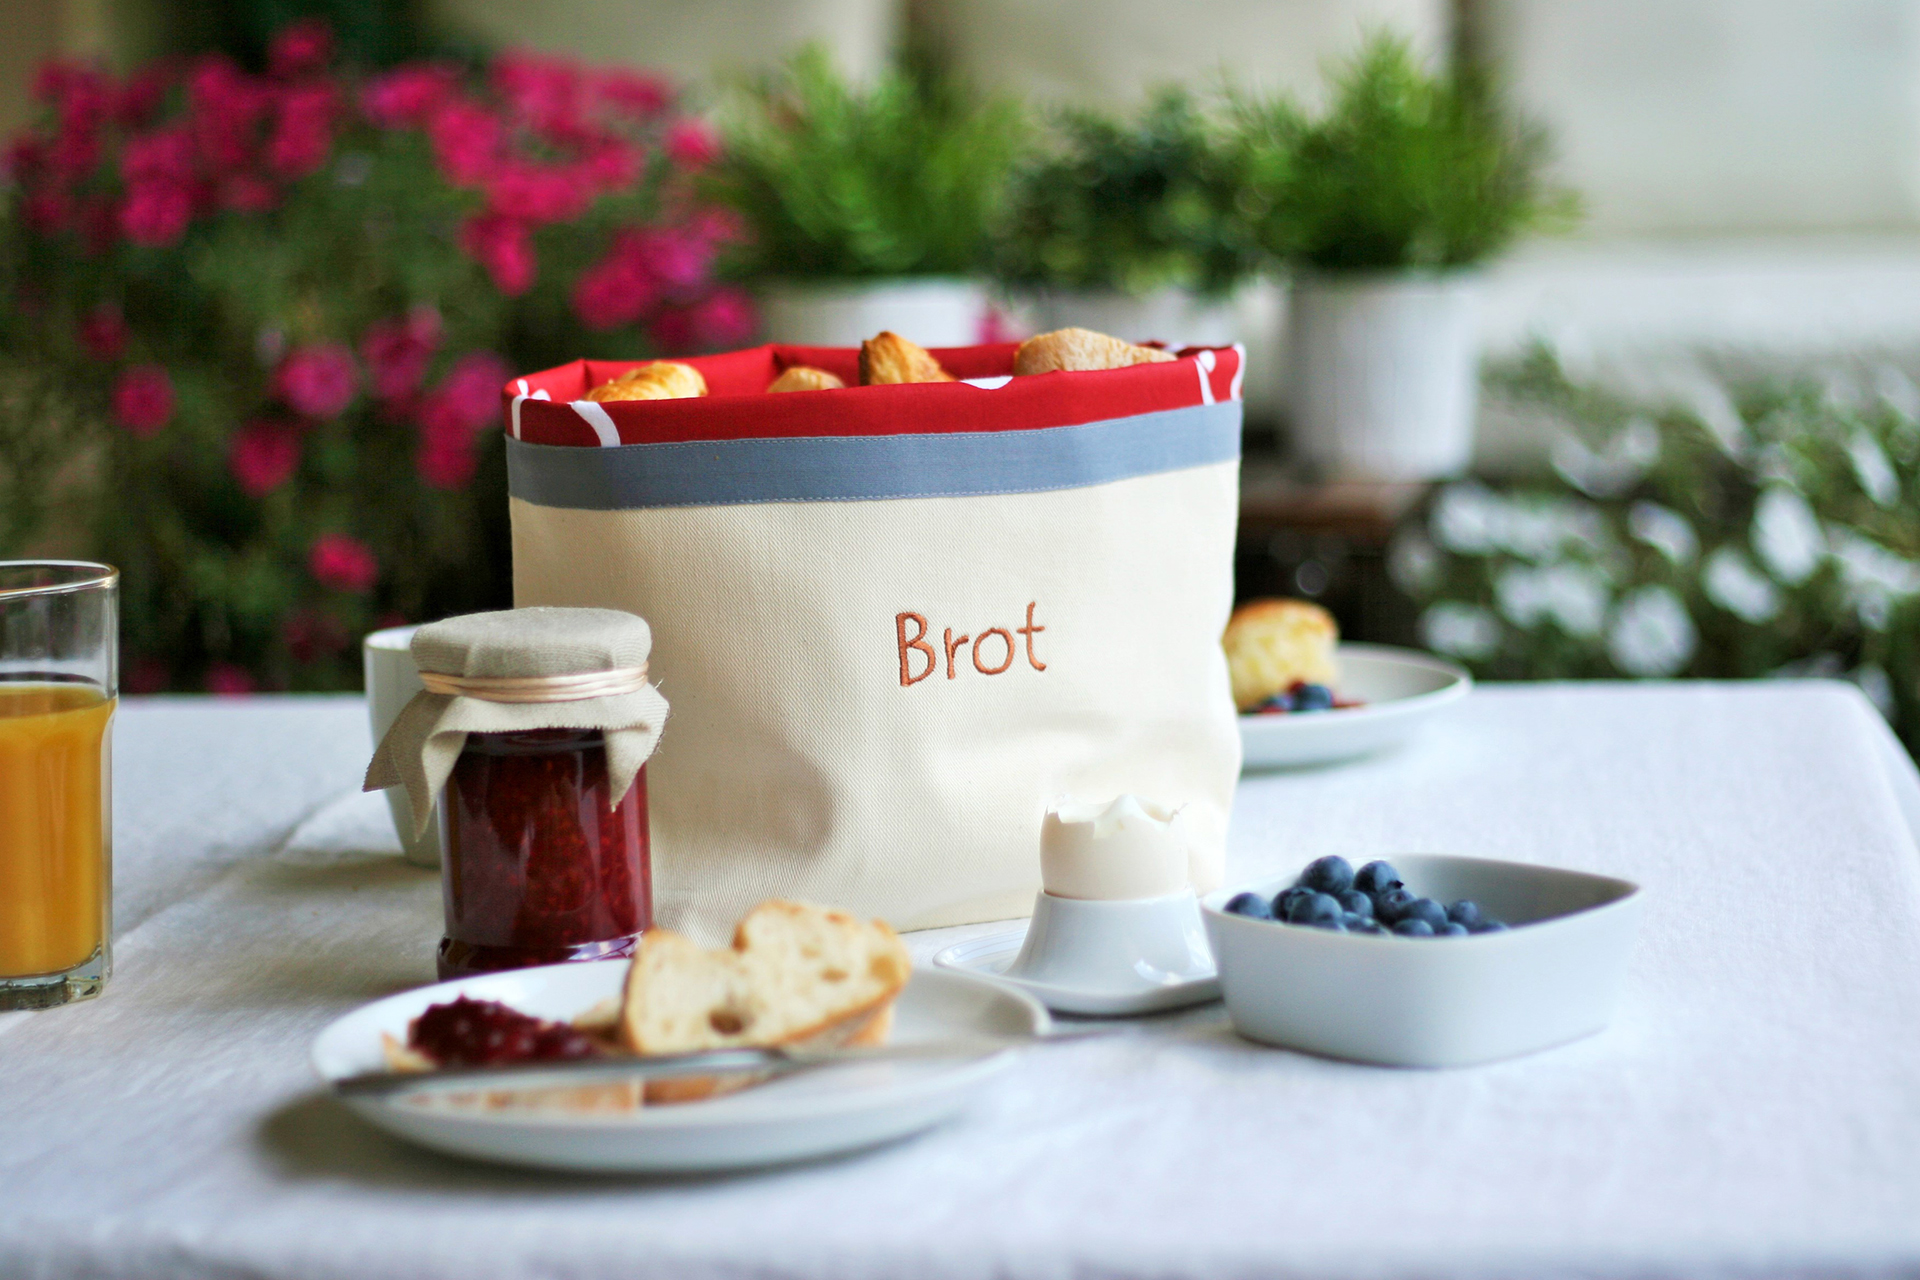 Offener Brotbeutel auf gedecktem Frühstückstisch